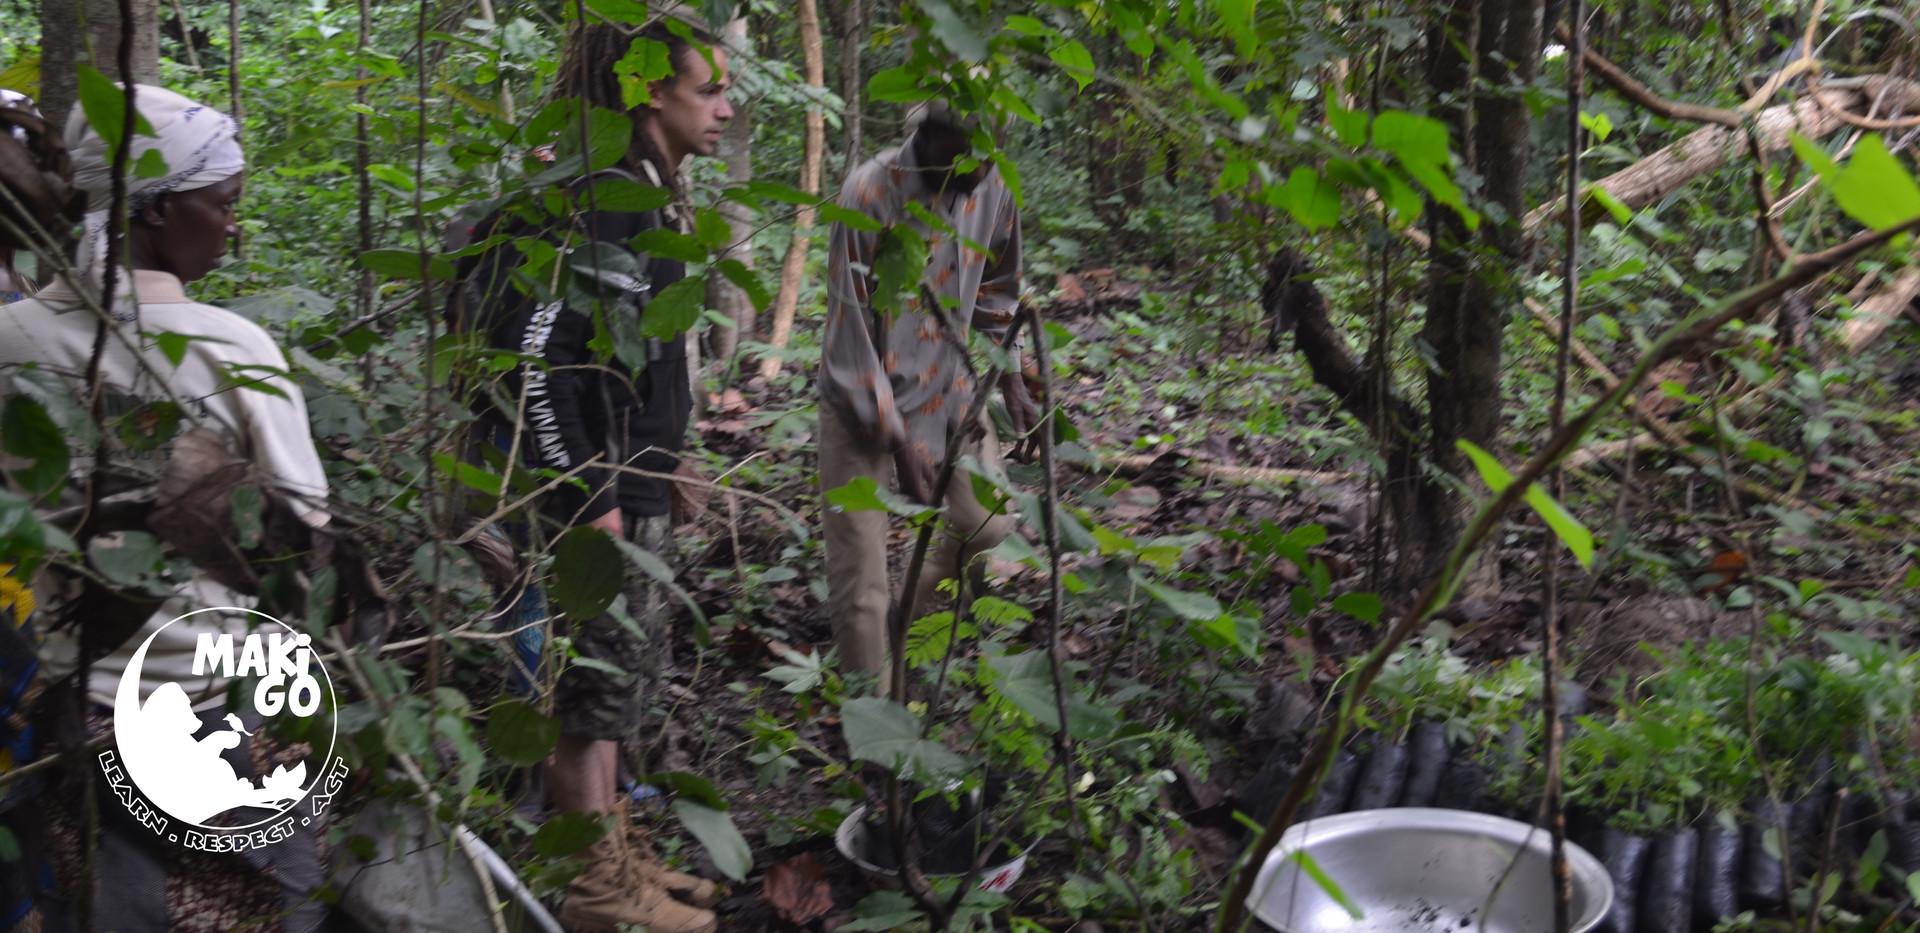 Reboisement de la Forêt de Kikele, Bénin. 1er juin 2018